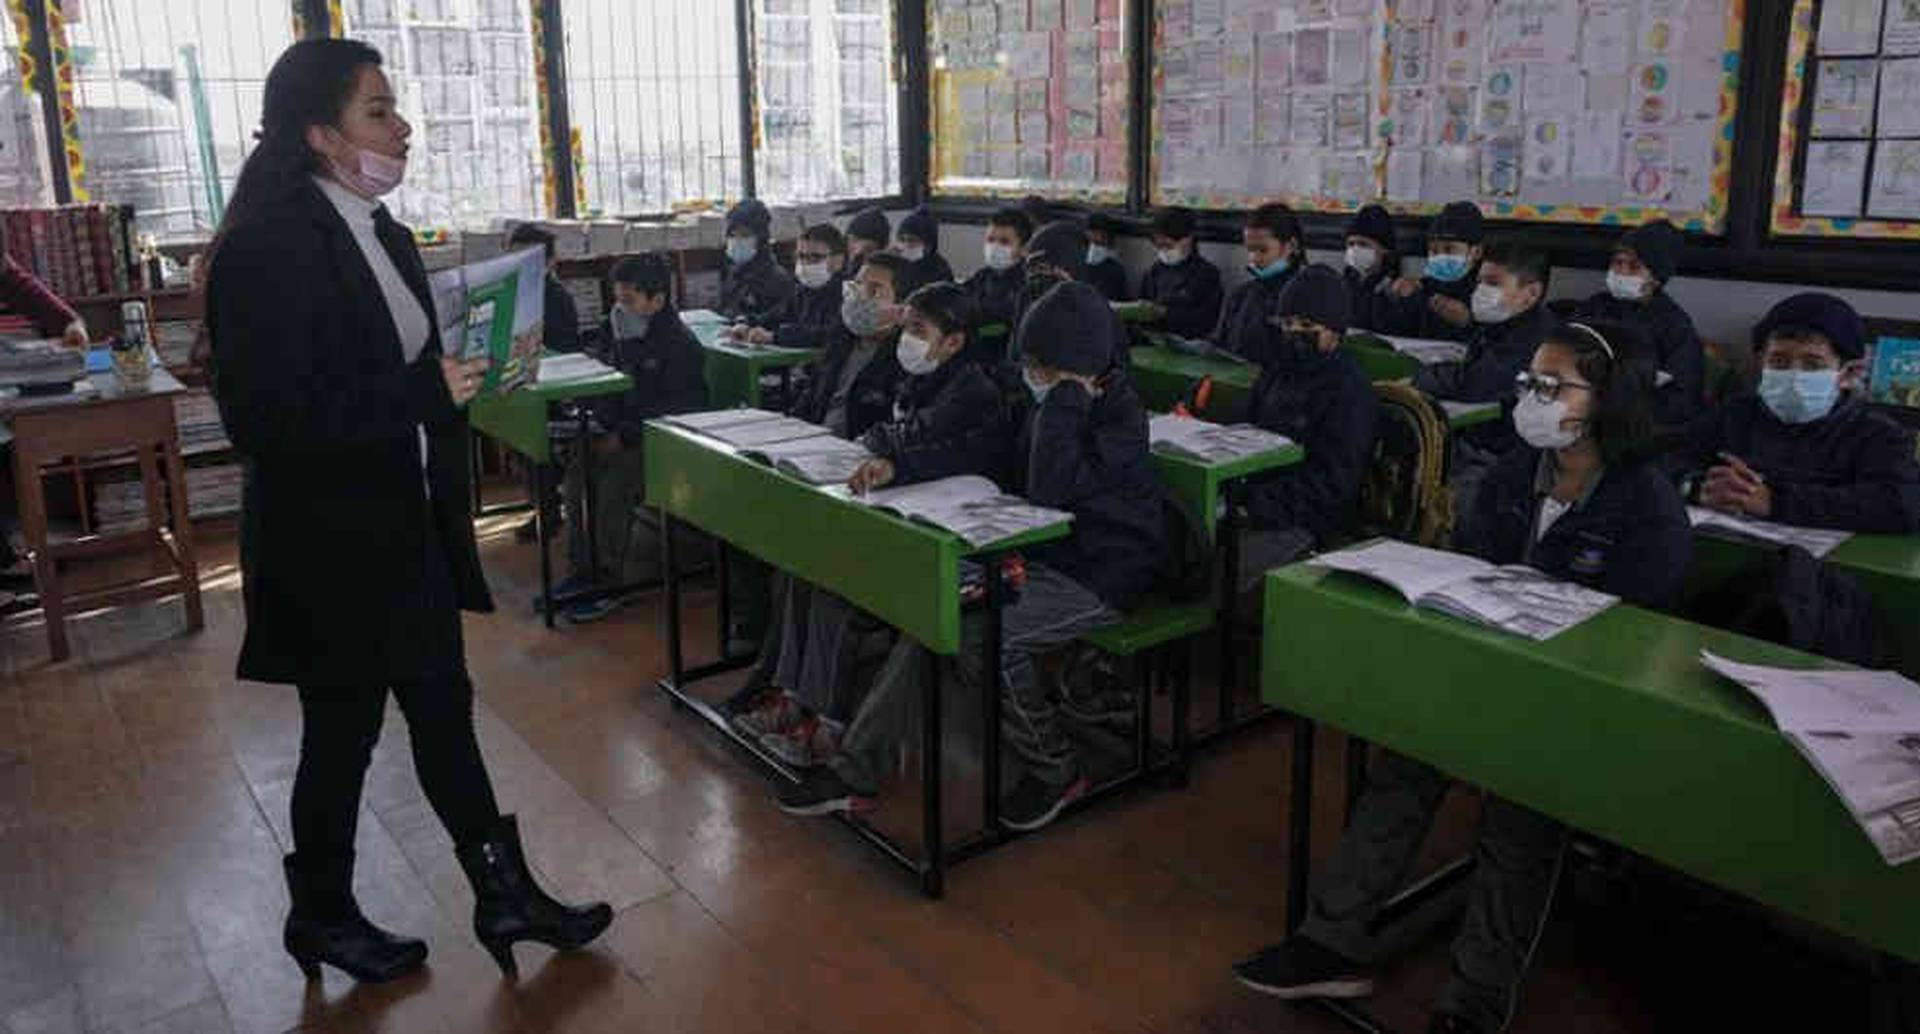 9.3 millones de maestros en todo el mundo no tienen las competencias necesarias para continuar las clases a distancia, dice la Unesco.